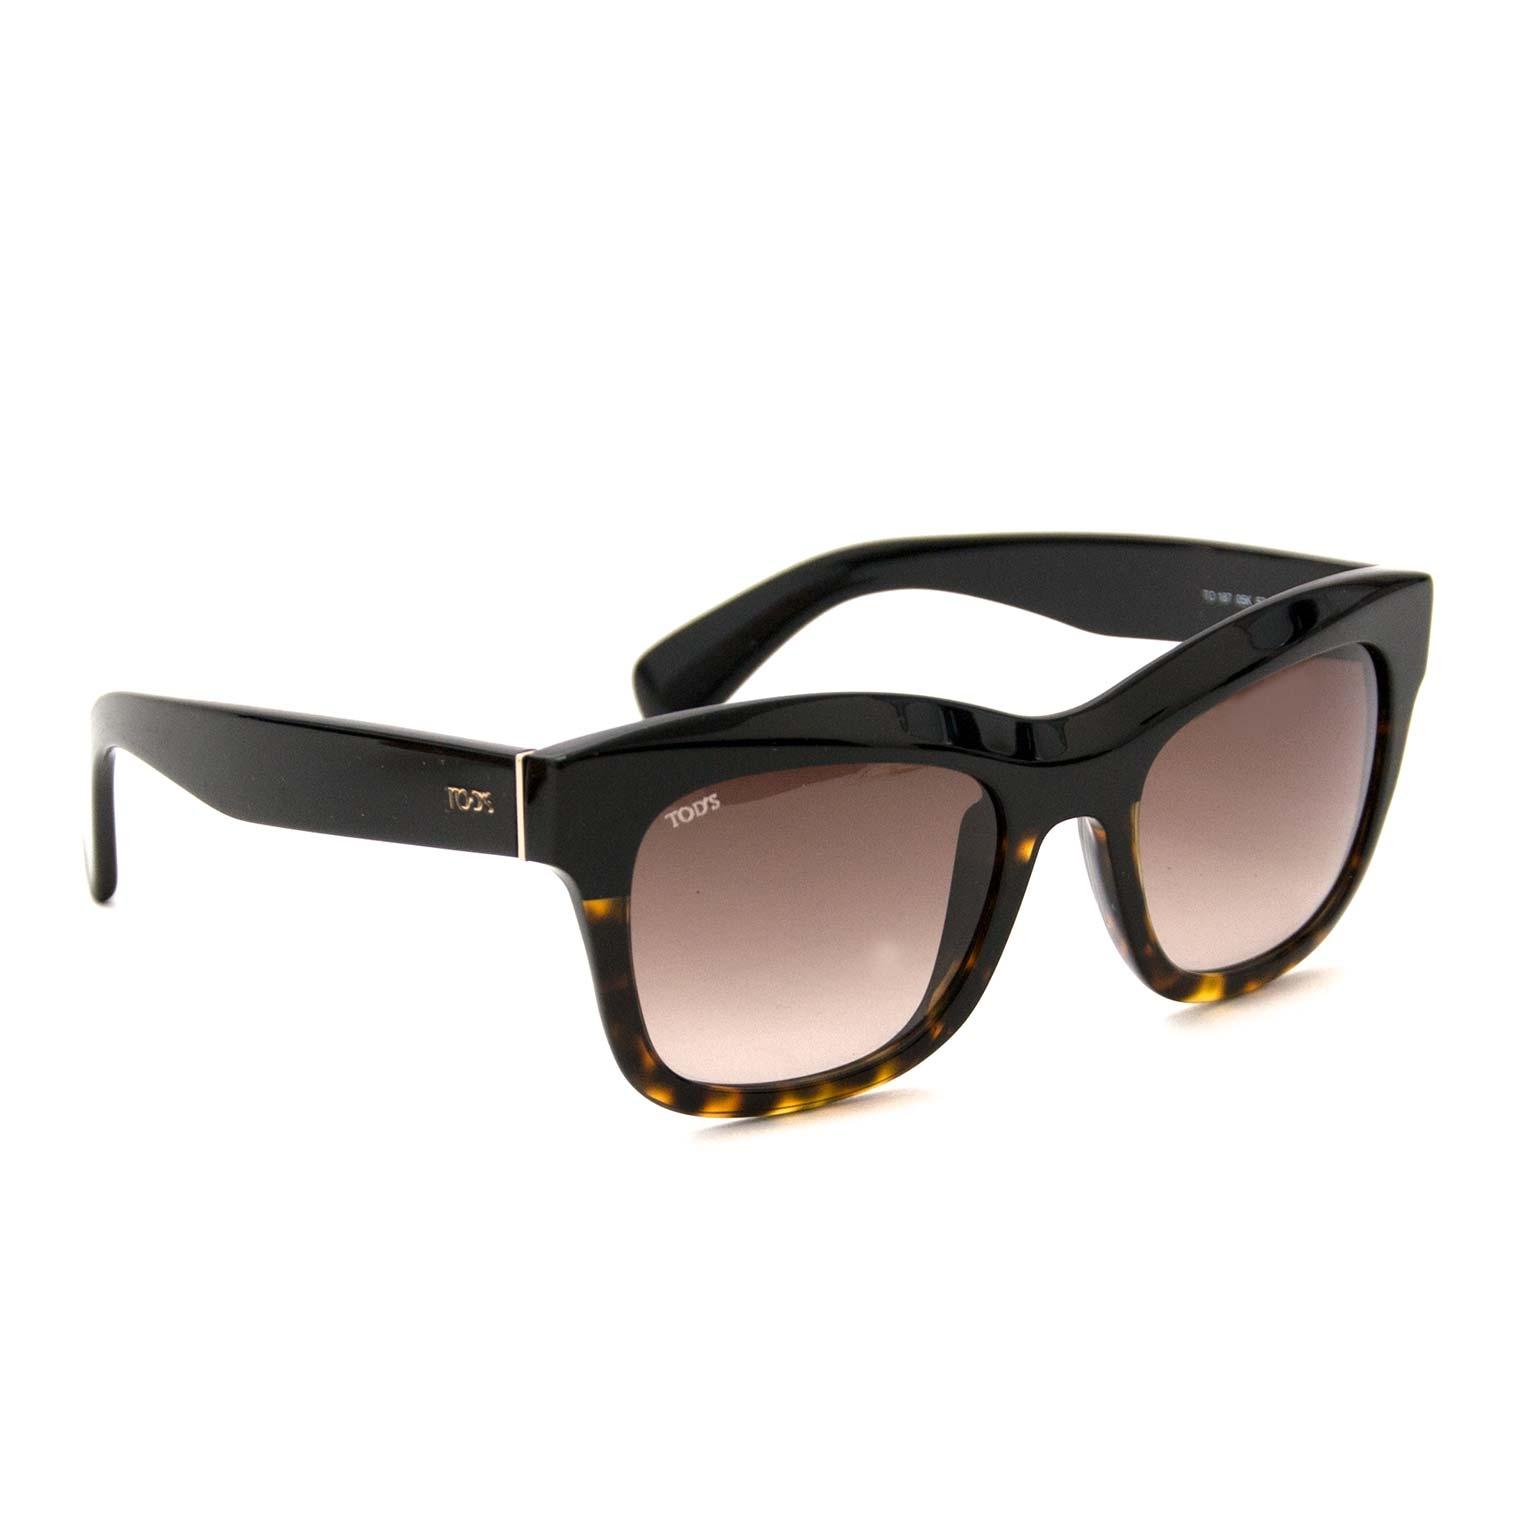 Buy your pair of authenti Tod's Black and Tortoise Sunglasses kopen en verkopen